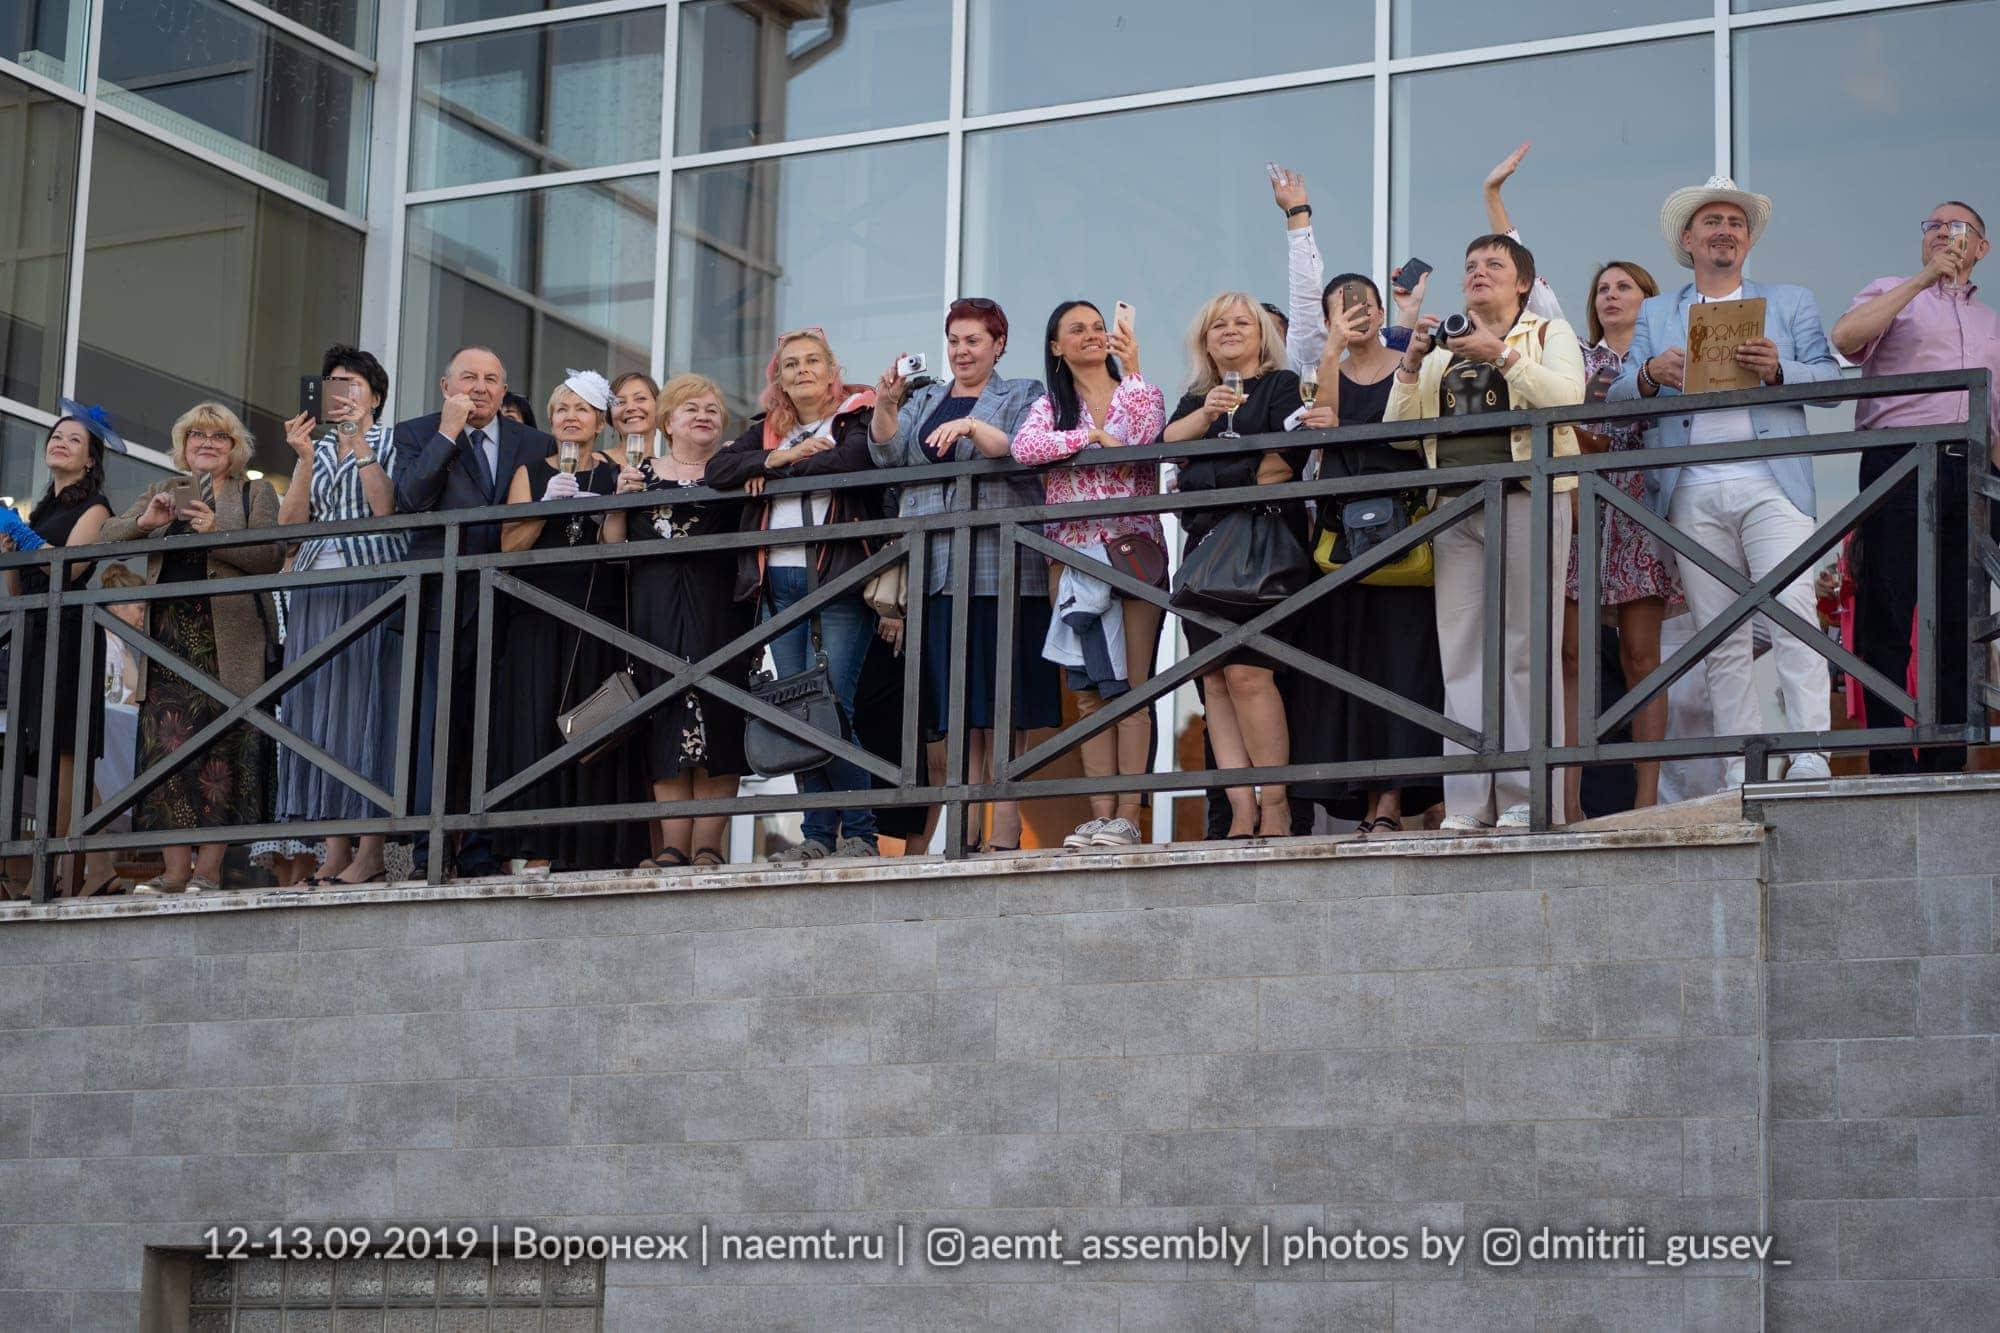 Гала-ужин в рамках АЭМТ 2019 Воронеж. Ипподром, пос. Бабятово. Ассамблея эстетической медицины и трихологии с международным участием.